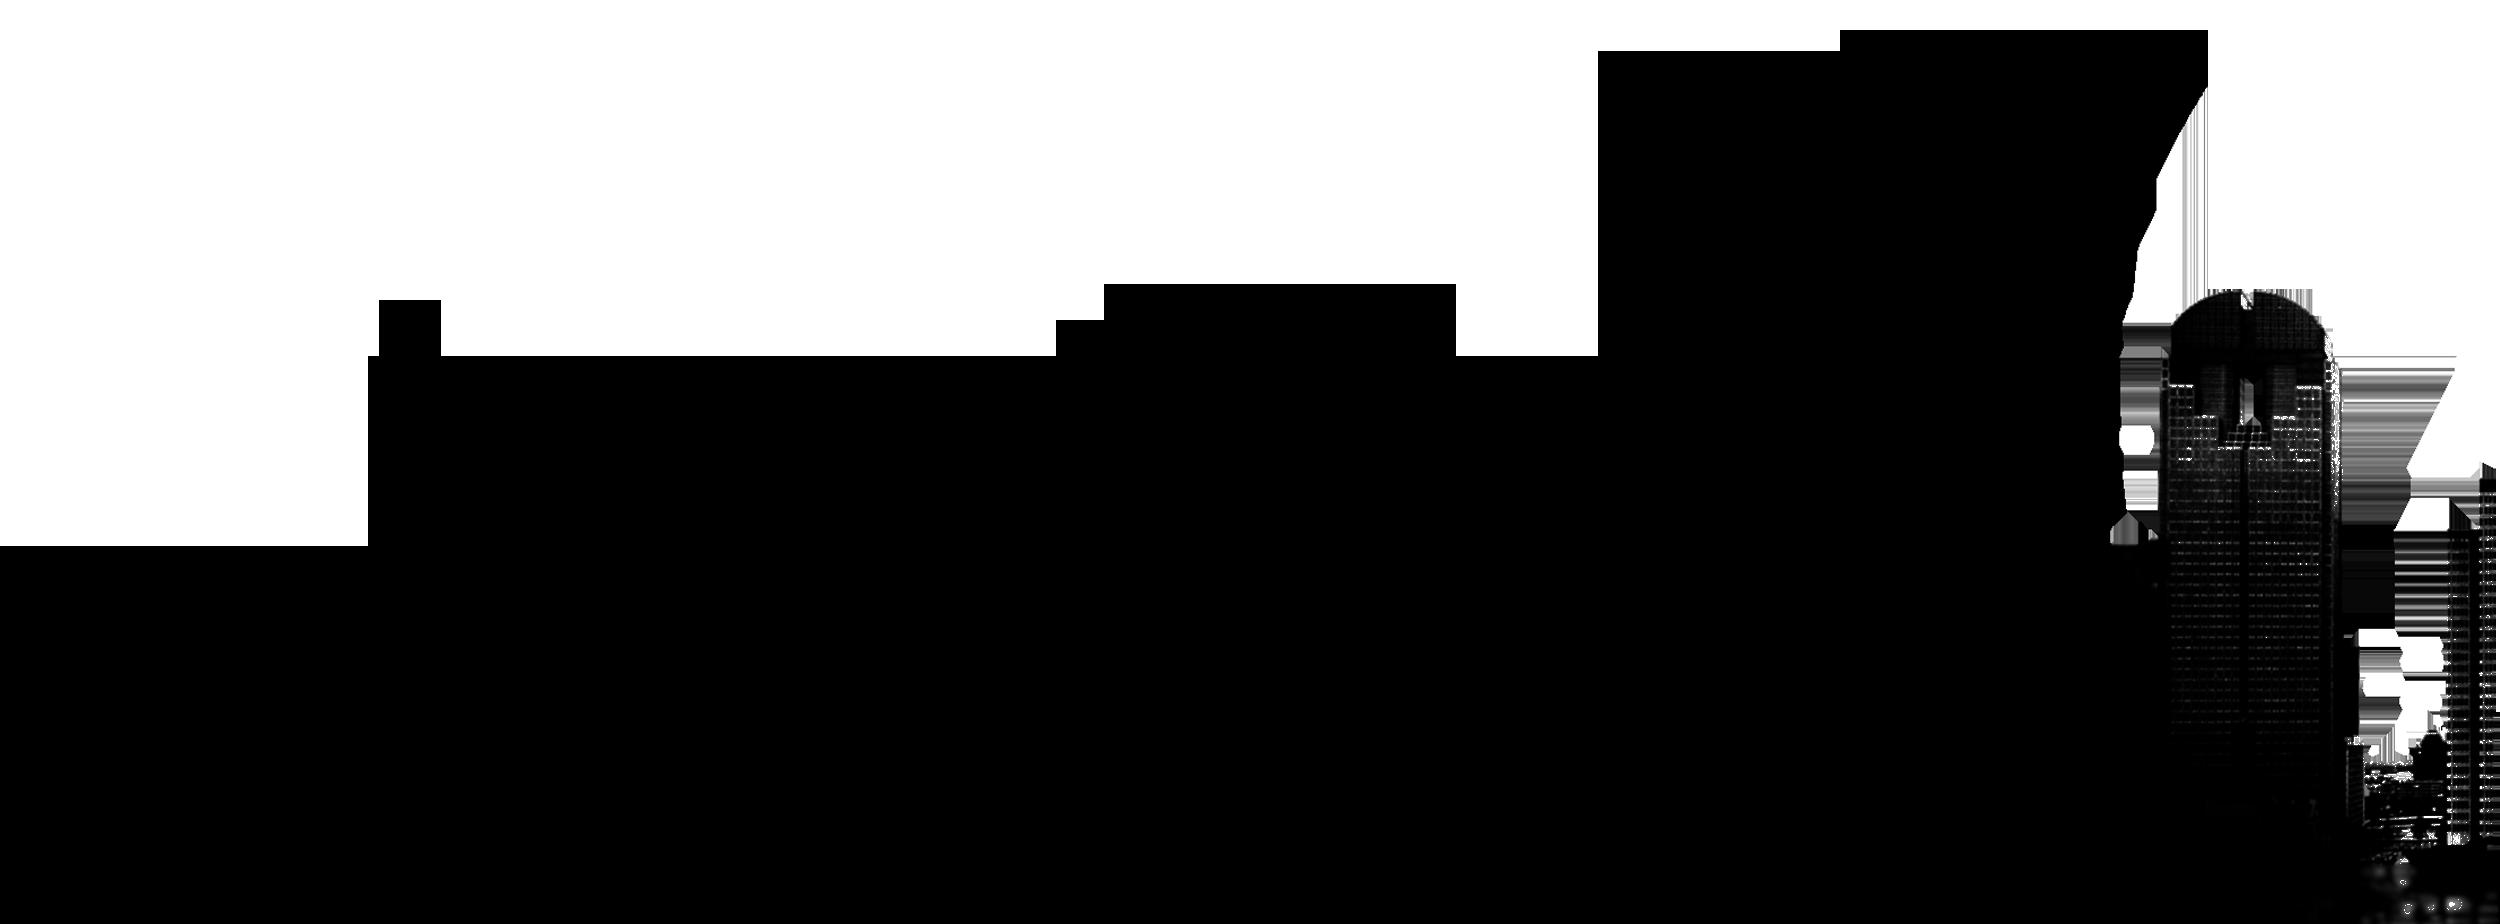 Com - Forum Tutkunlarının Tek Adresi - Tekil Mesaj gösterimi - city  silhouette png, City png, Şehir pngleri, Sehir png, City PNG, Png city - Black And White City PNG